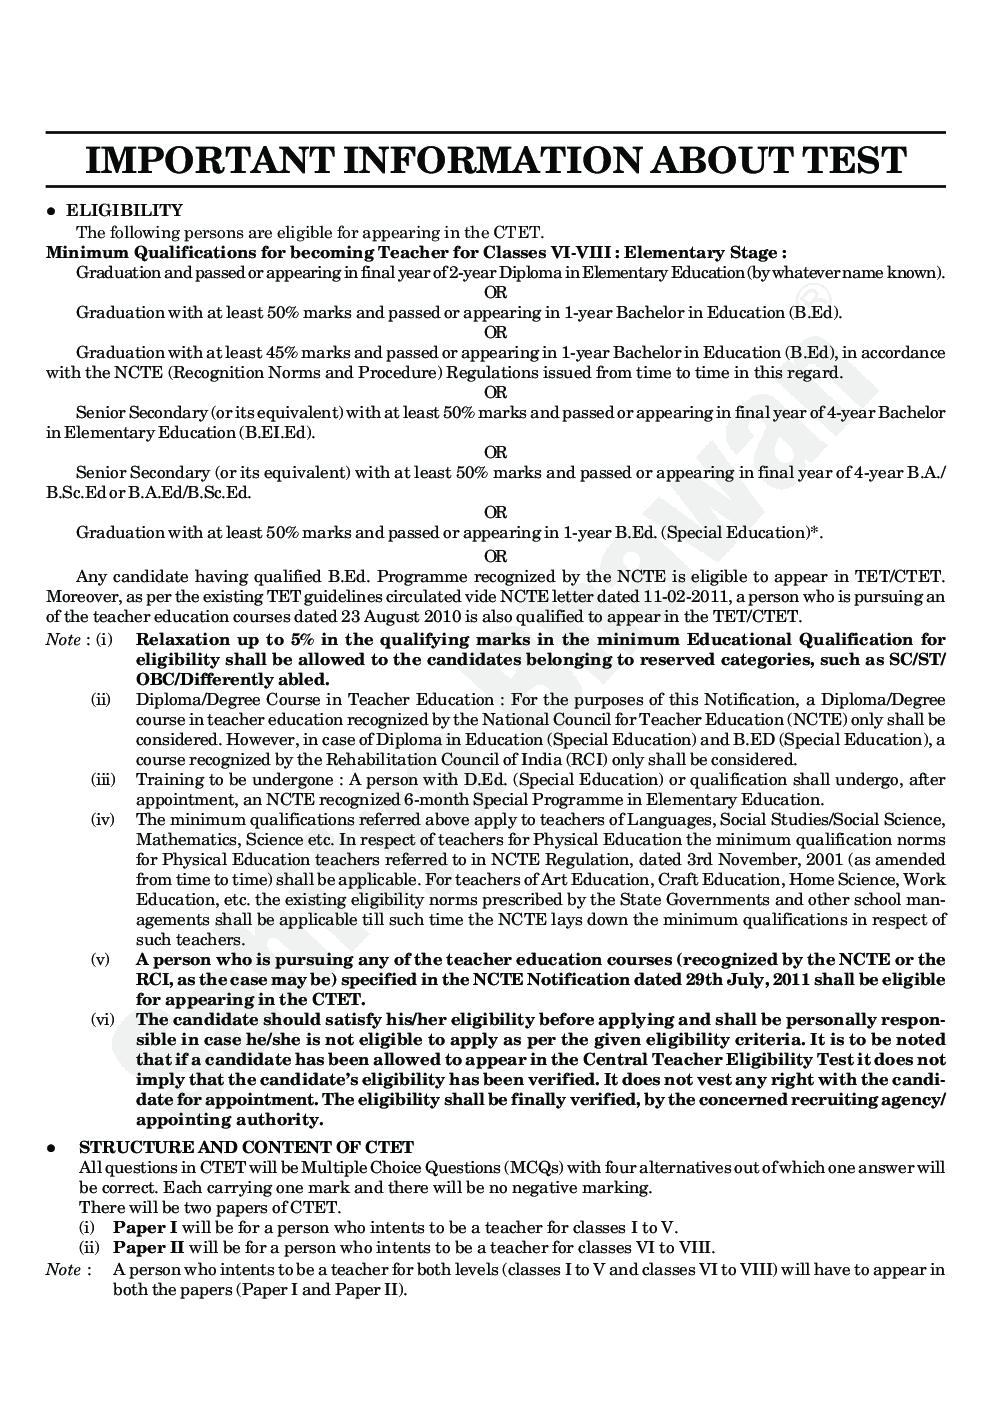 CTET Solved Papers Prashna-II Kaksha VI Se VIII me Samajik Adhyan /Samajik Vigyan Shikshan Hetu Sanskrit Bhasha Sahit - Page 4